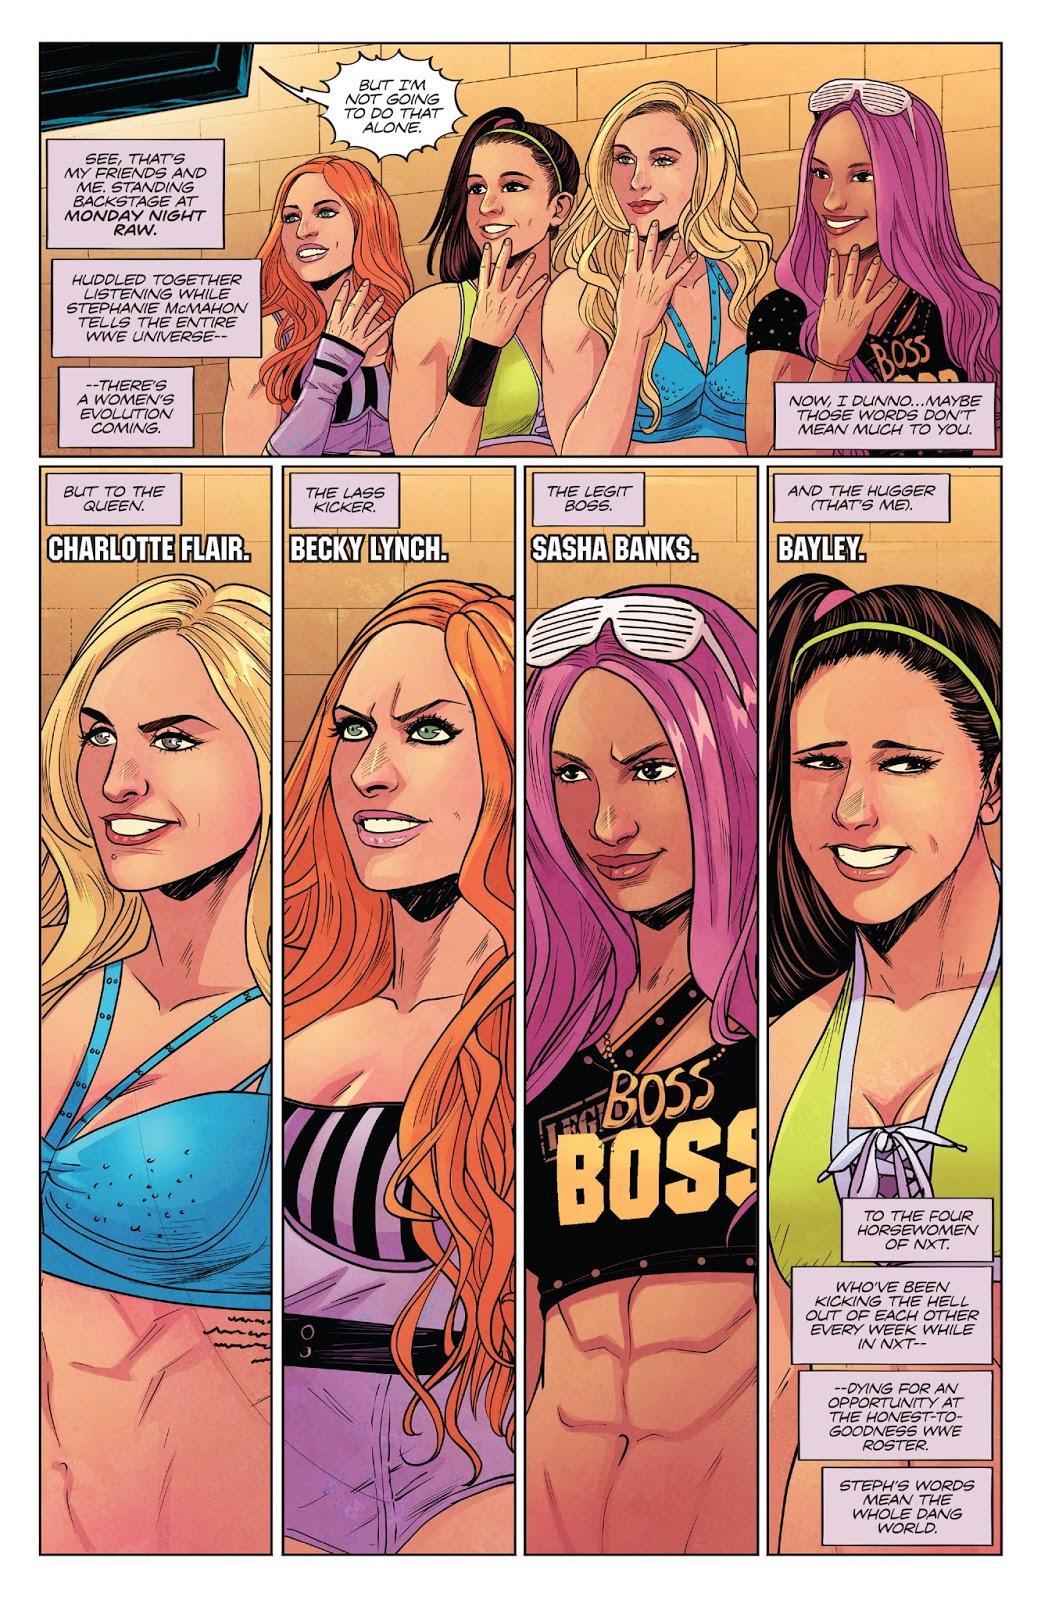 WWE V4 Women's Evolution review